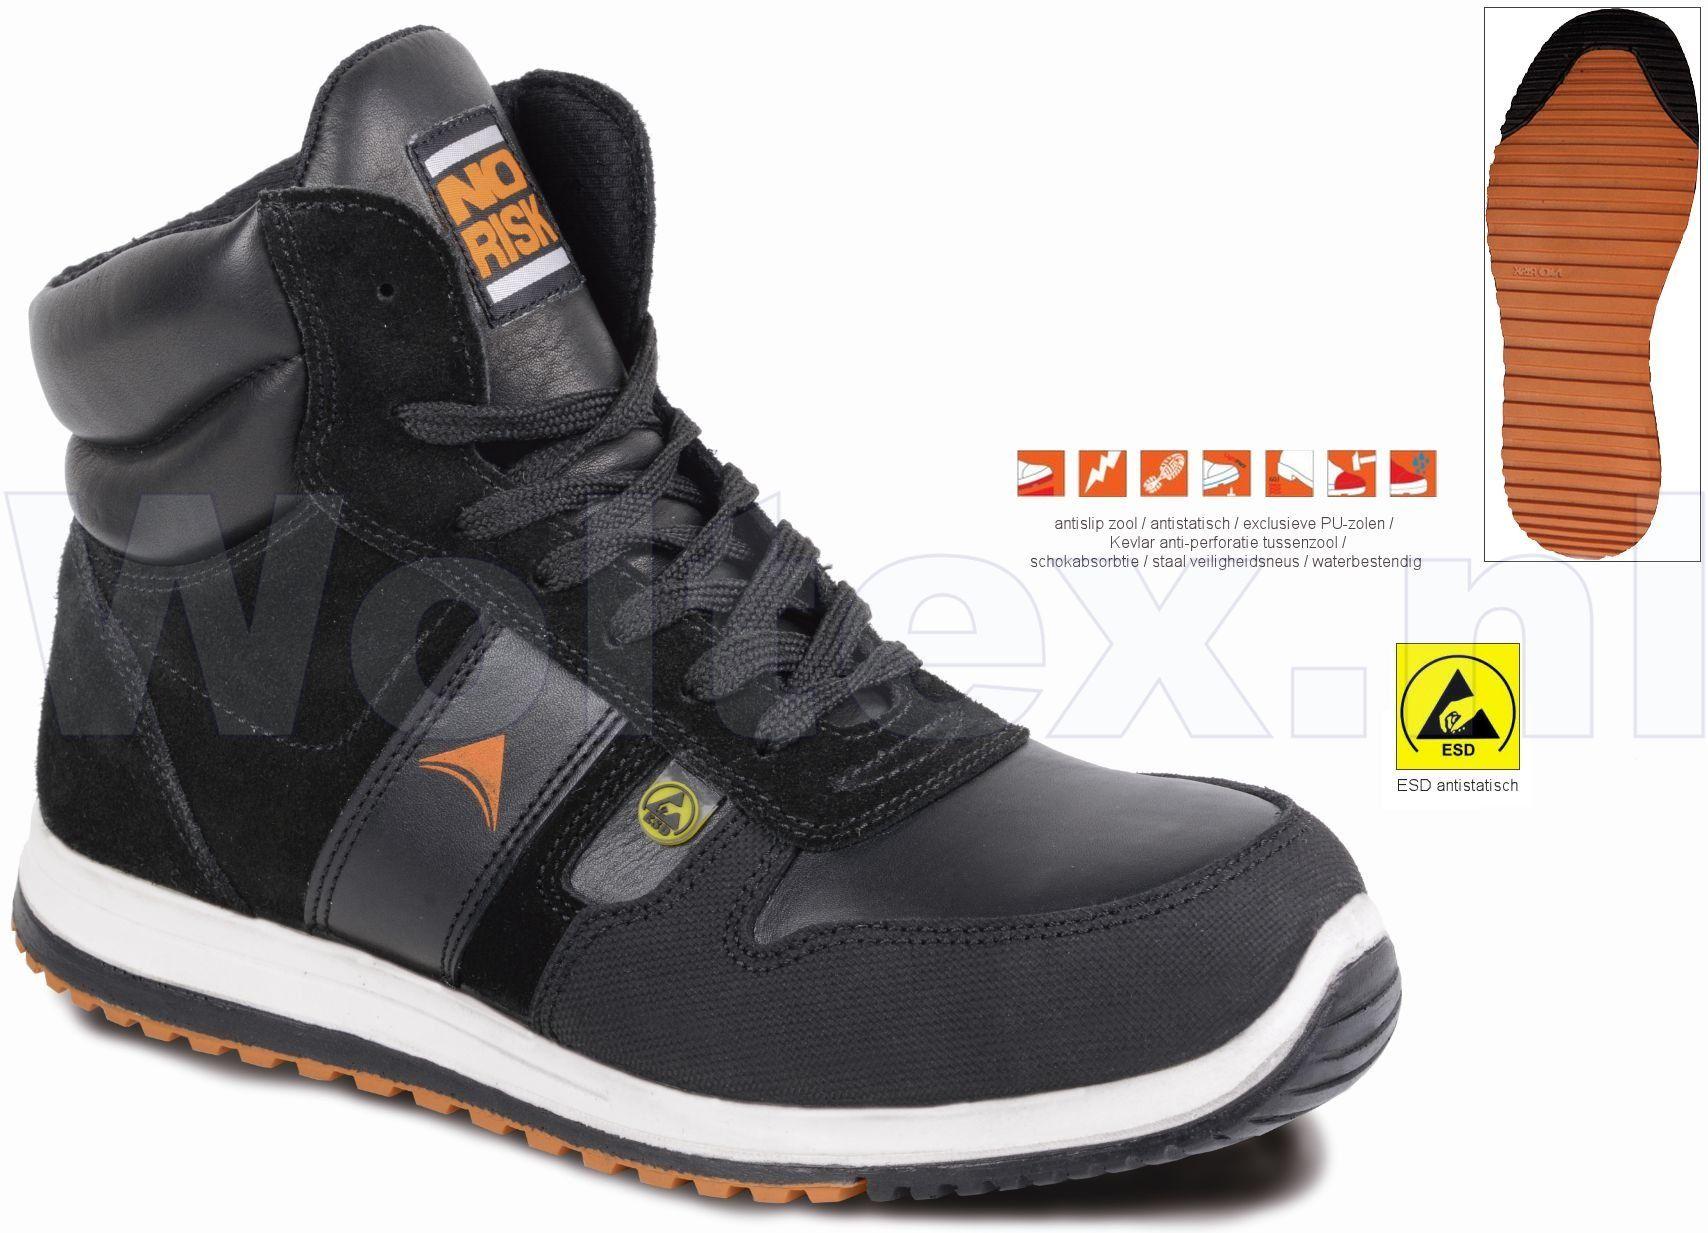 1daf8db6d8b NoRisk S3 Werkschoenen- hoog Jumper Beschermende neus- zool ESD-  antistatisch zwart